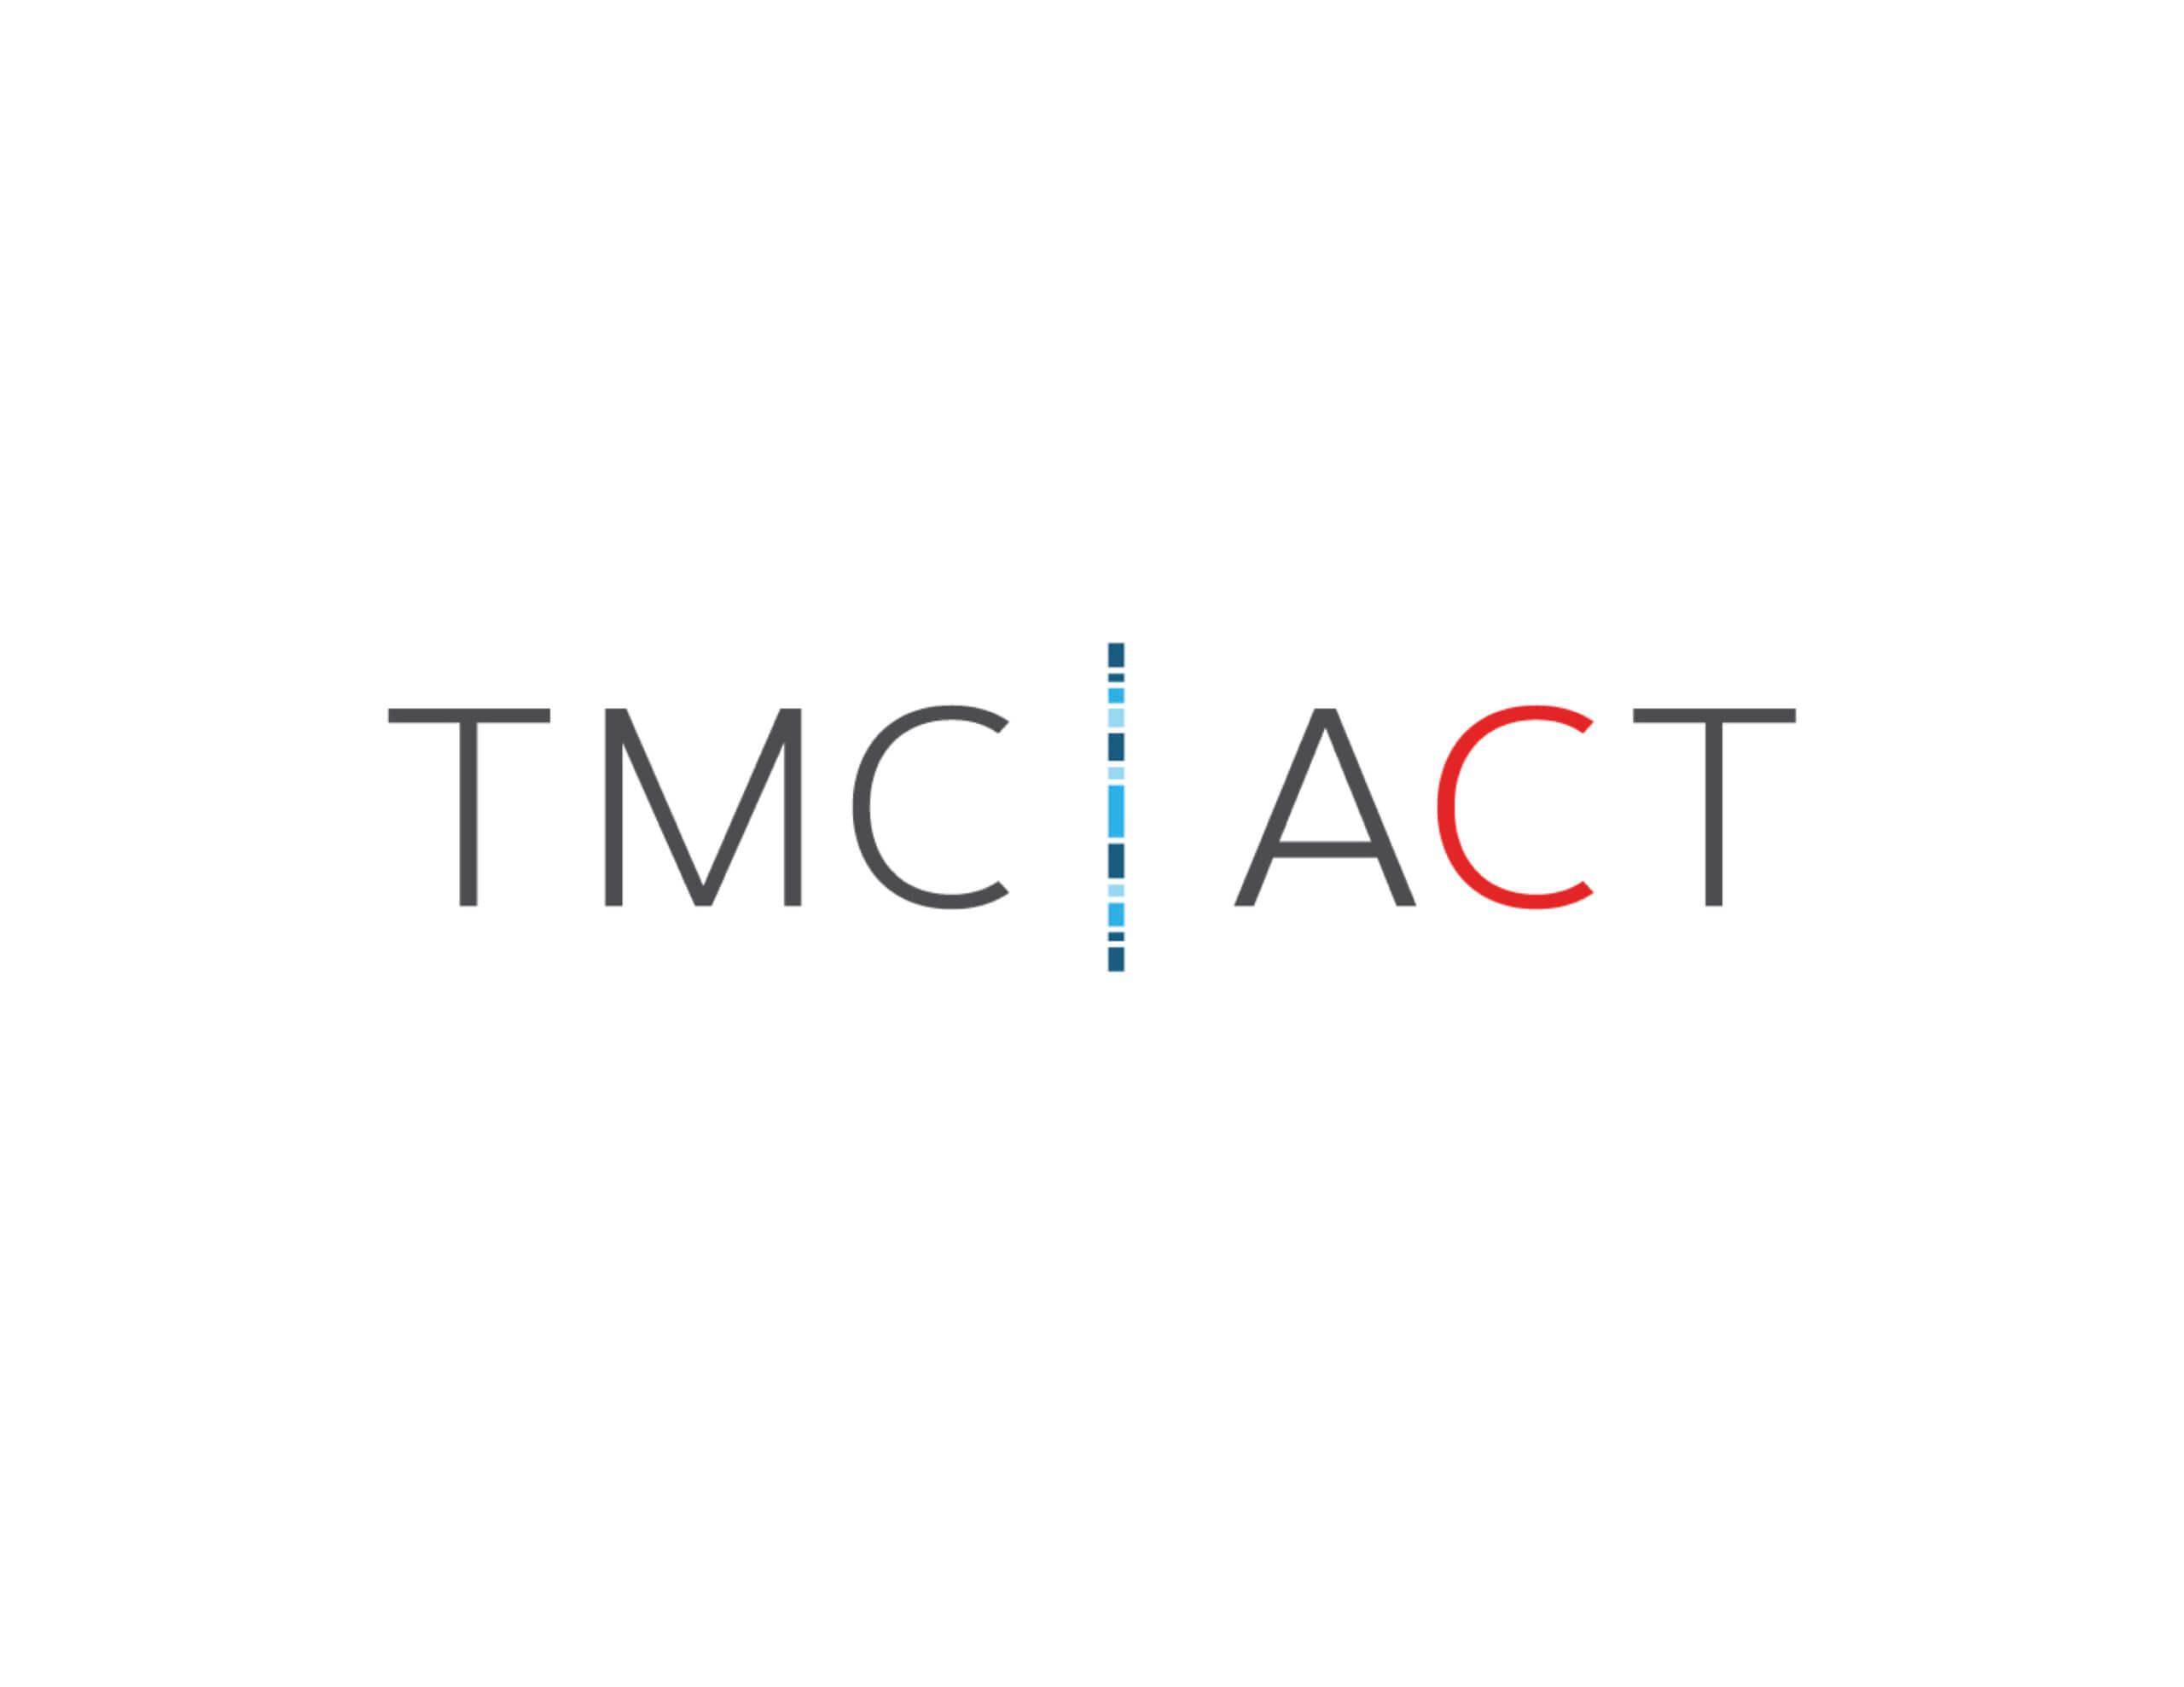 tmc act logo whitespace